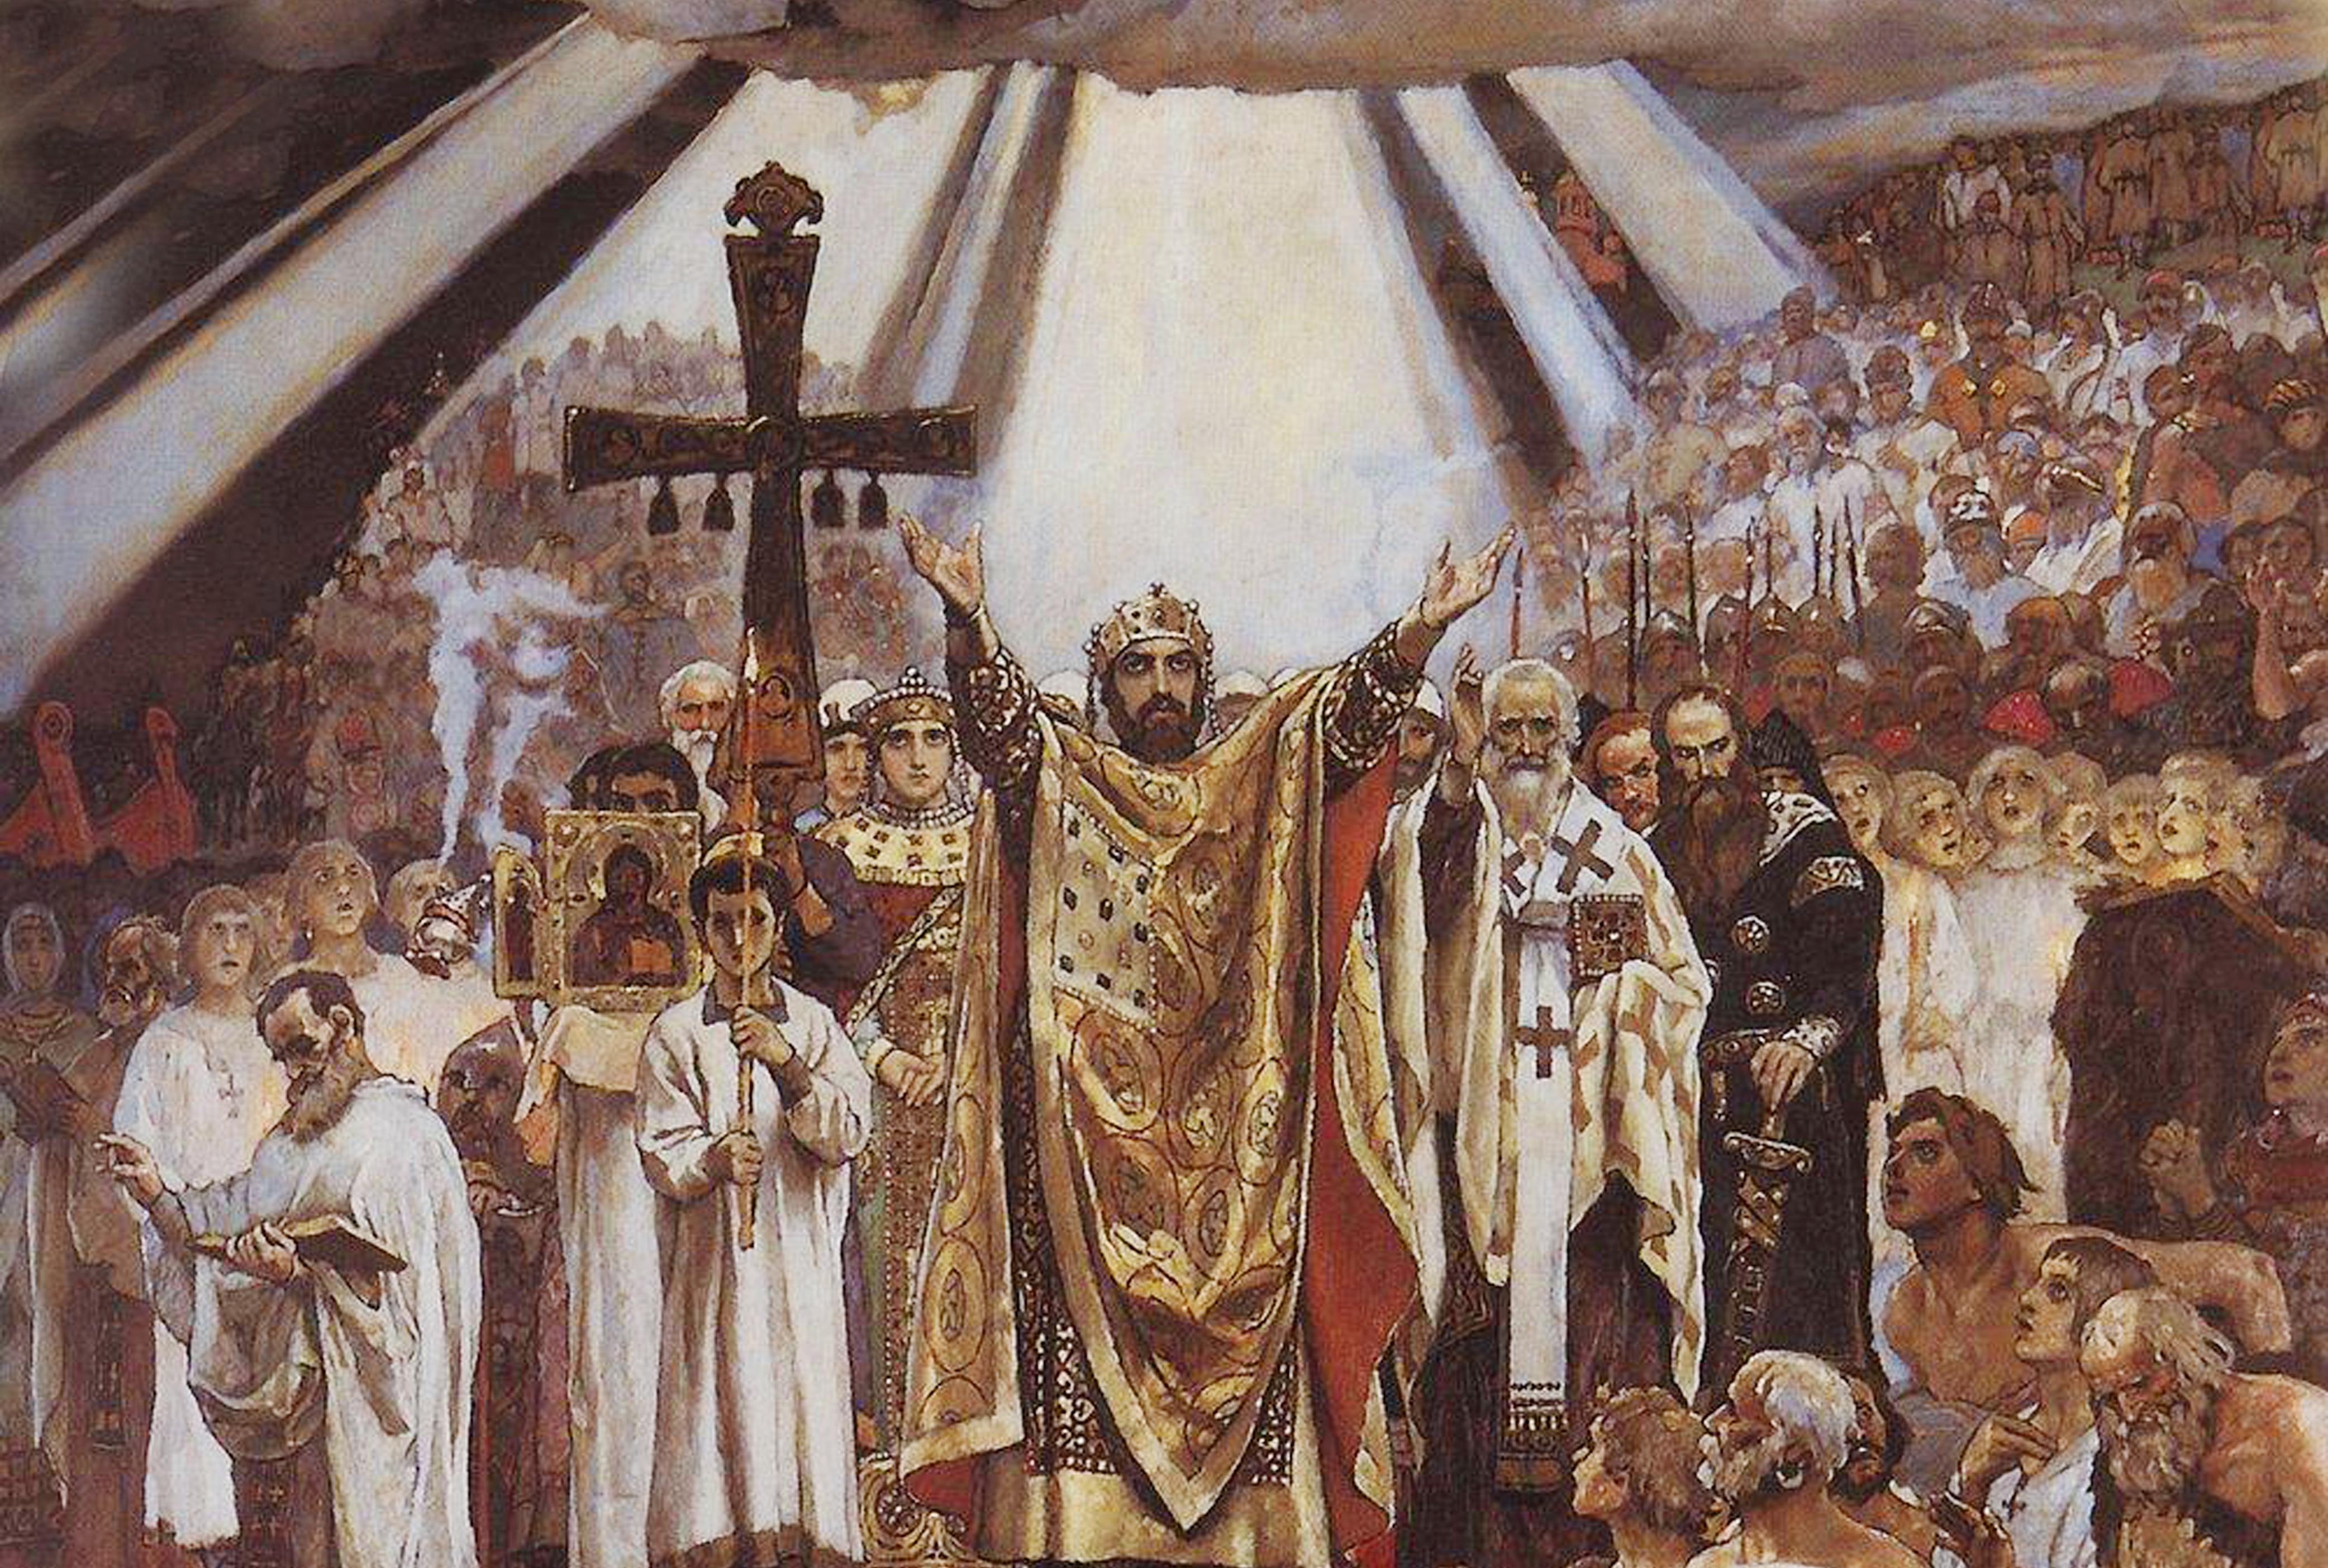 В 2018 году Русская Православная Церковь отмечает 1030-летие Крещения Руси